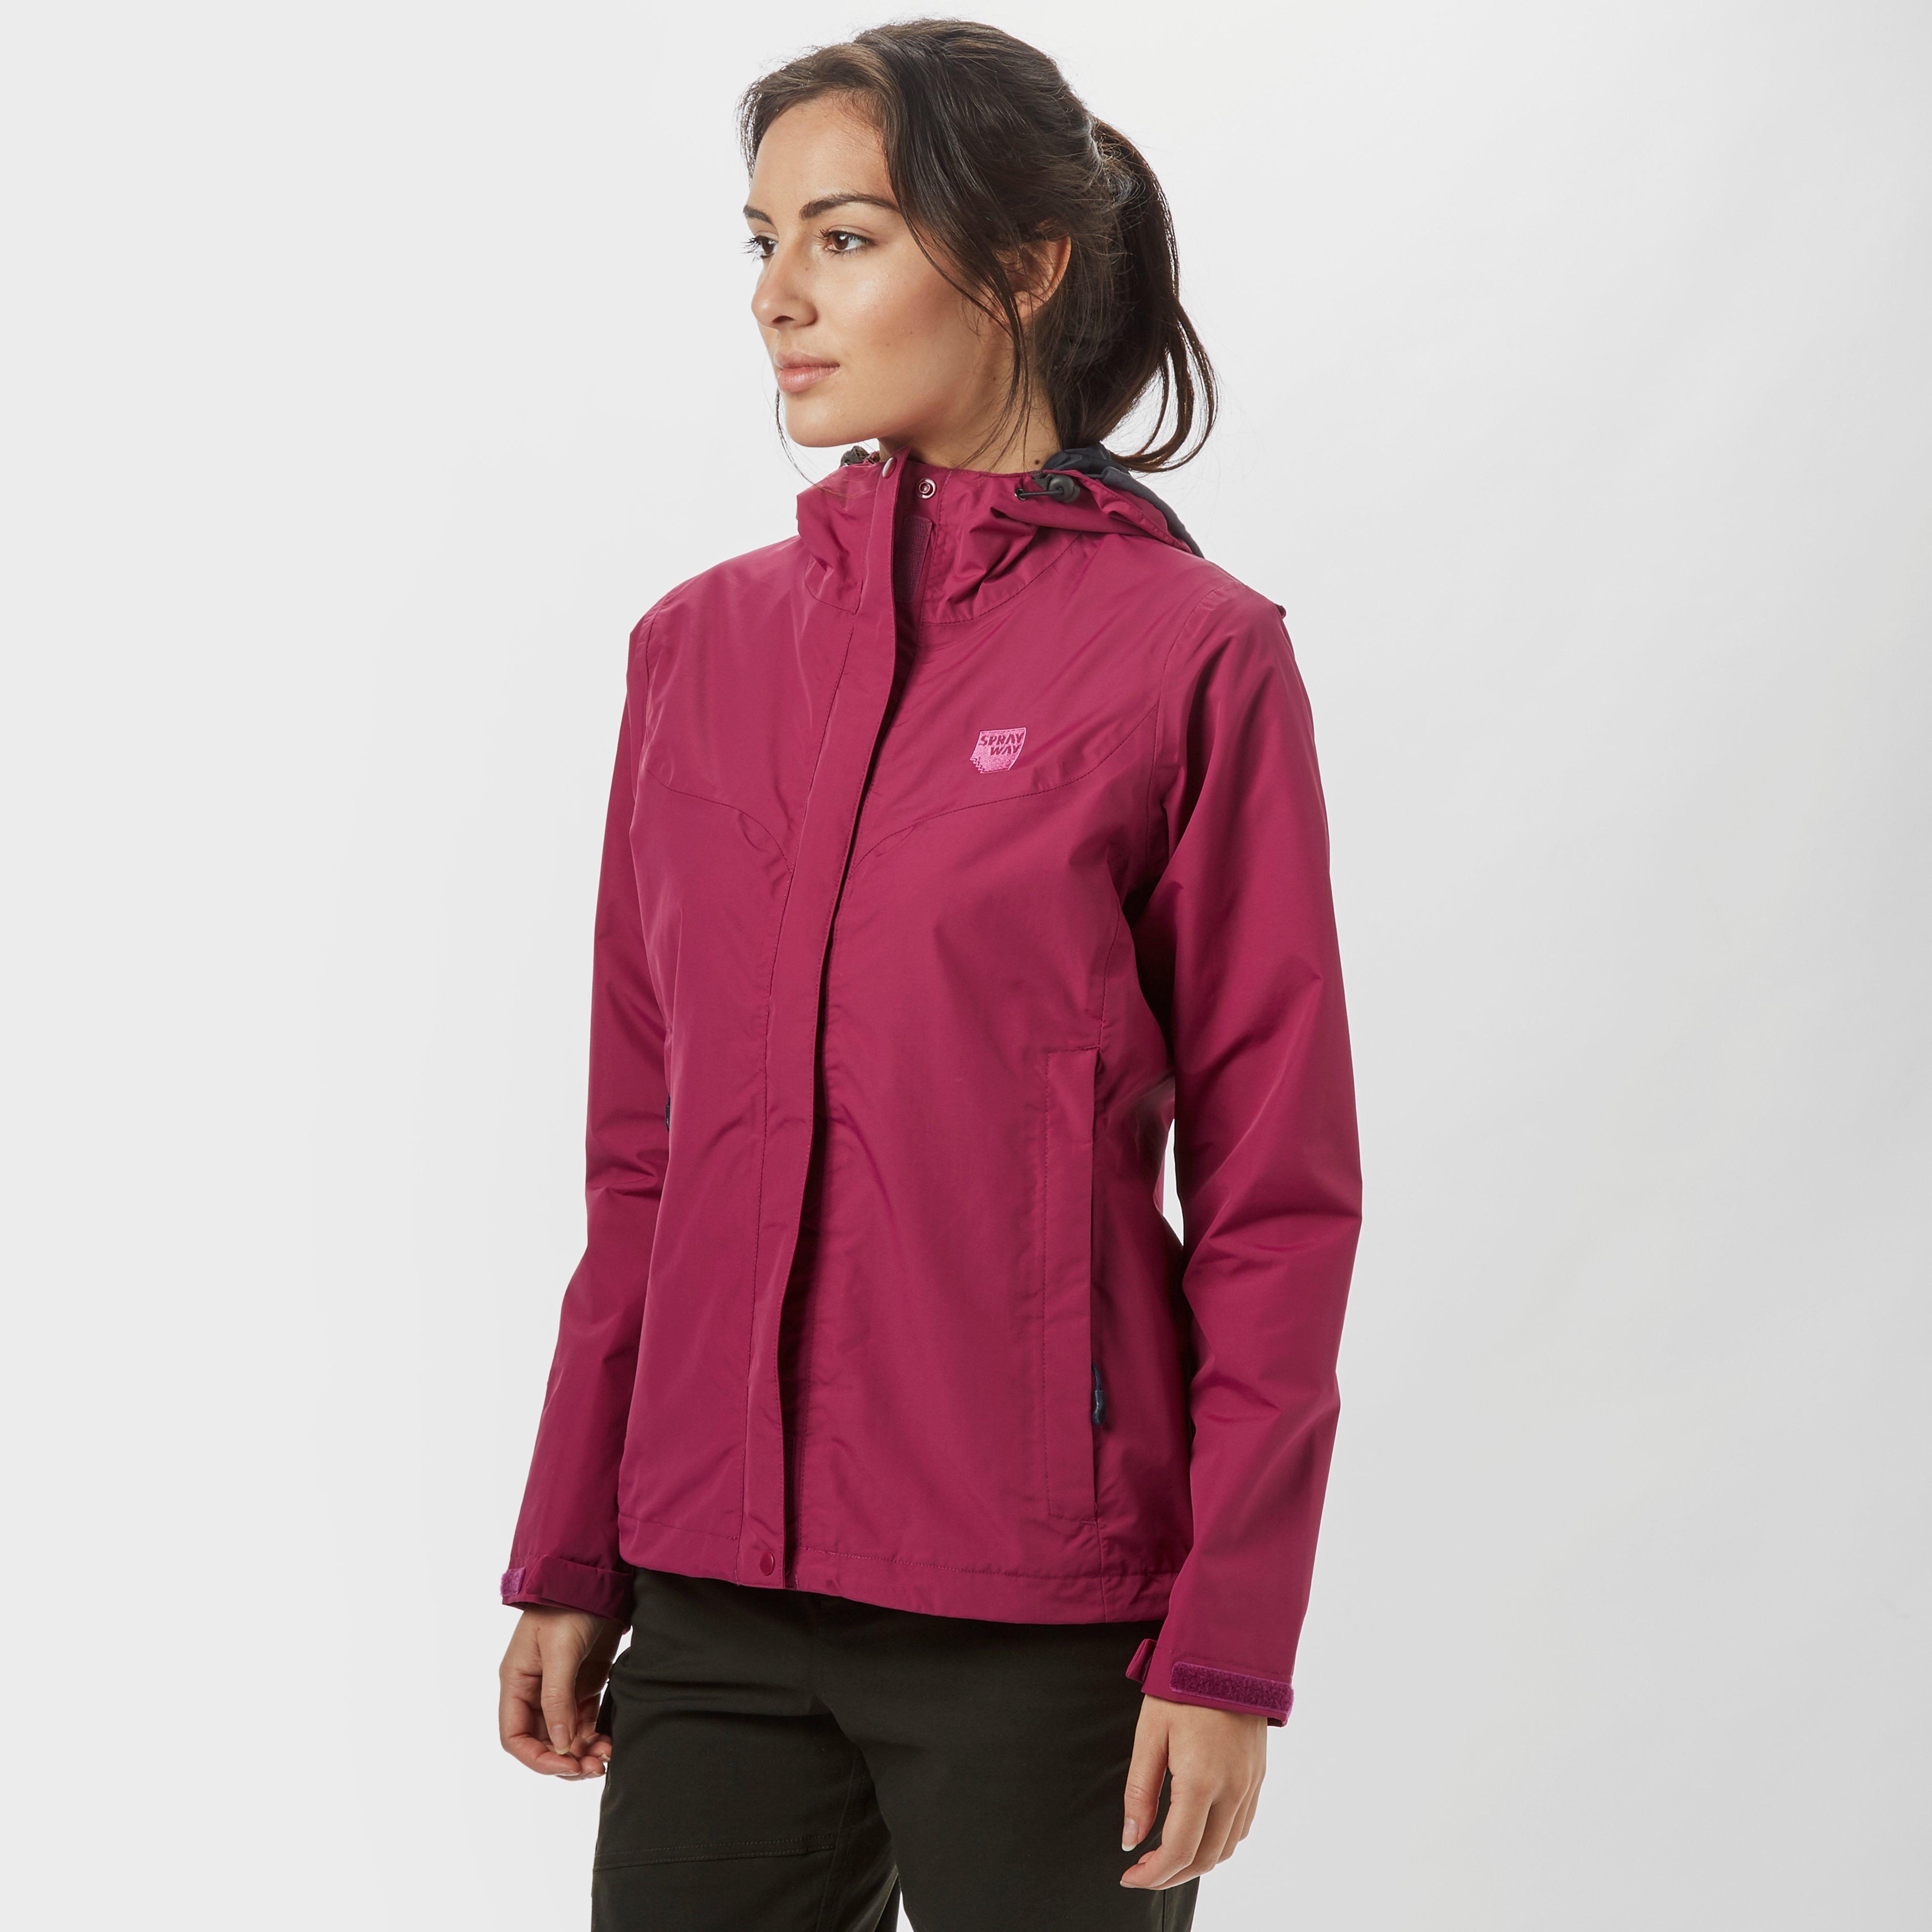 Sprayway Sprayway womens Sierra Waterproof Jacket - Pink, Pink